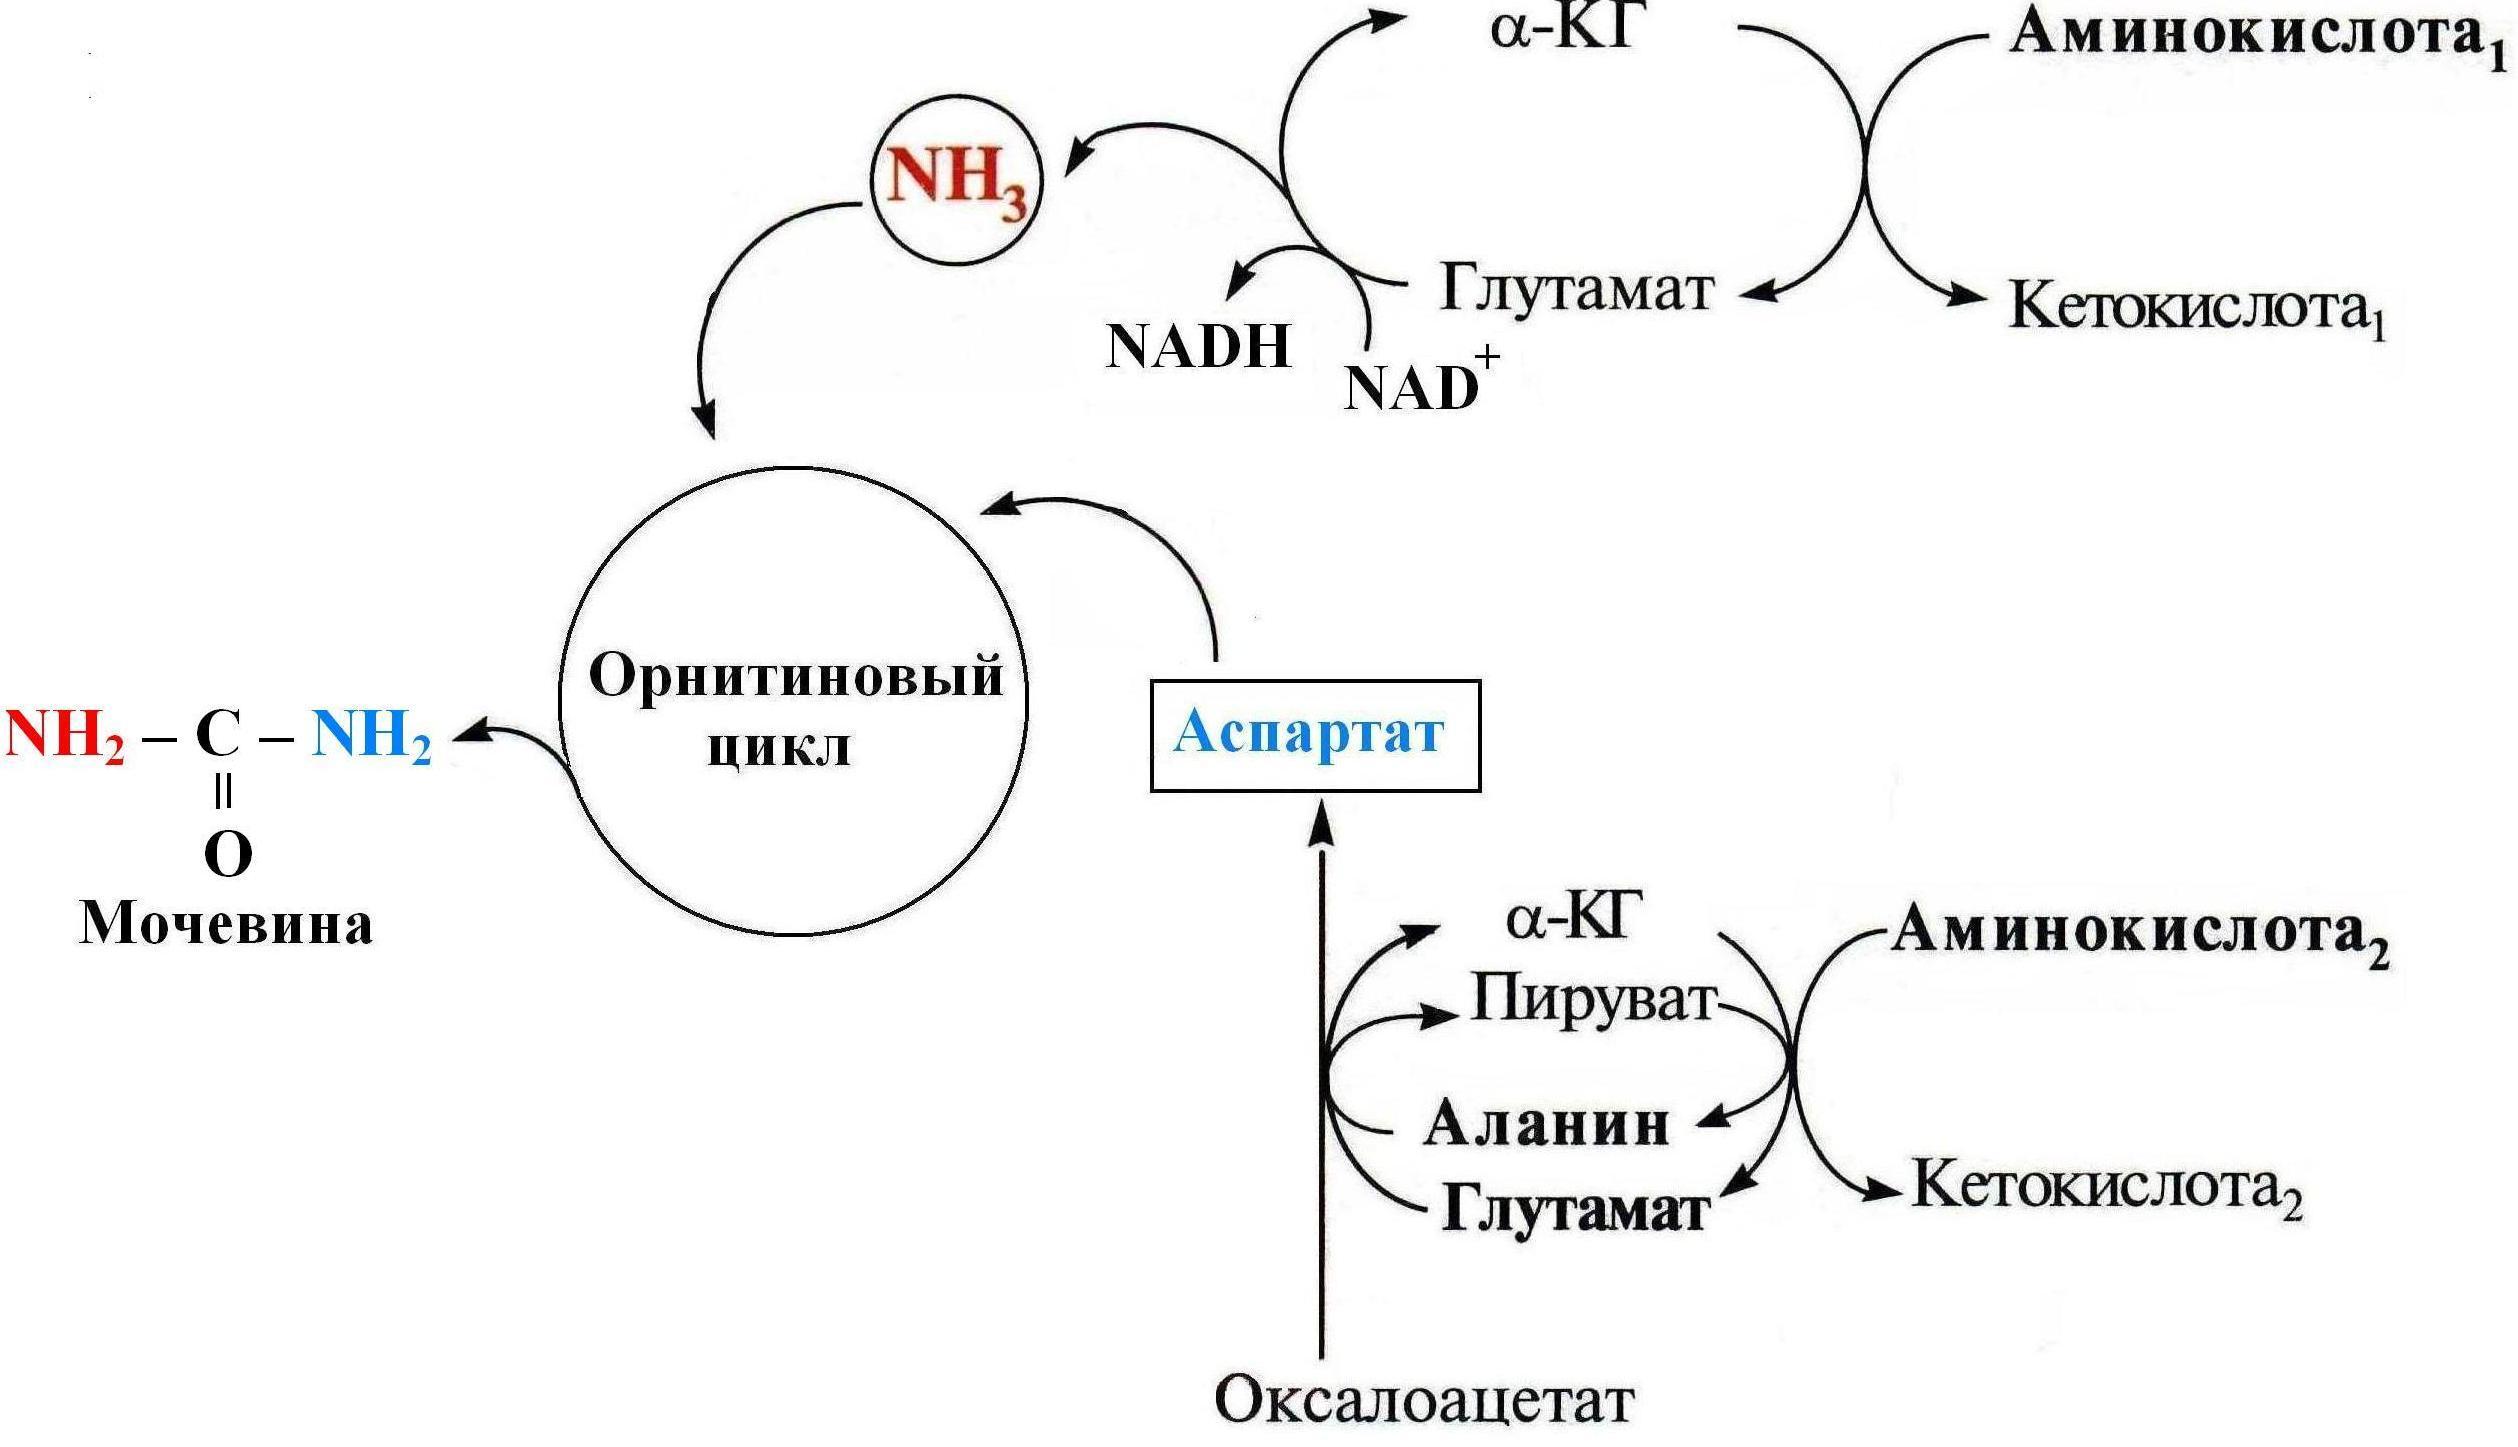 орнитиновый цикл схема